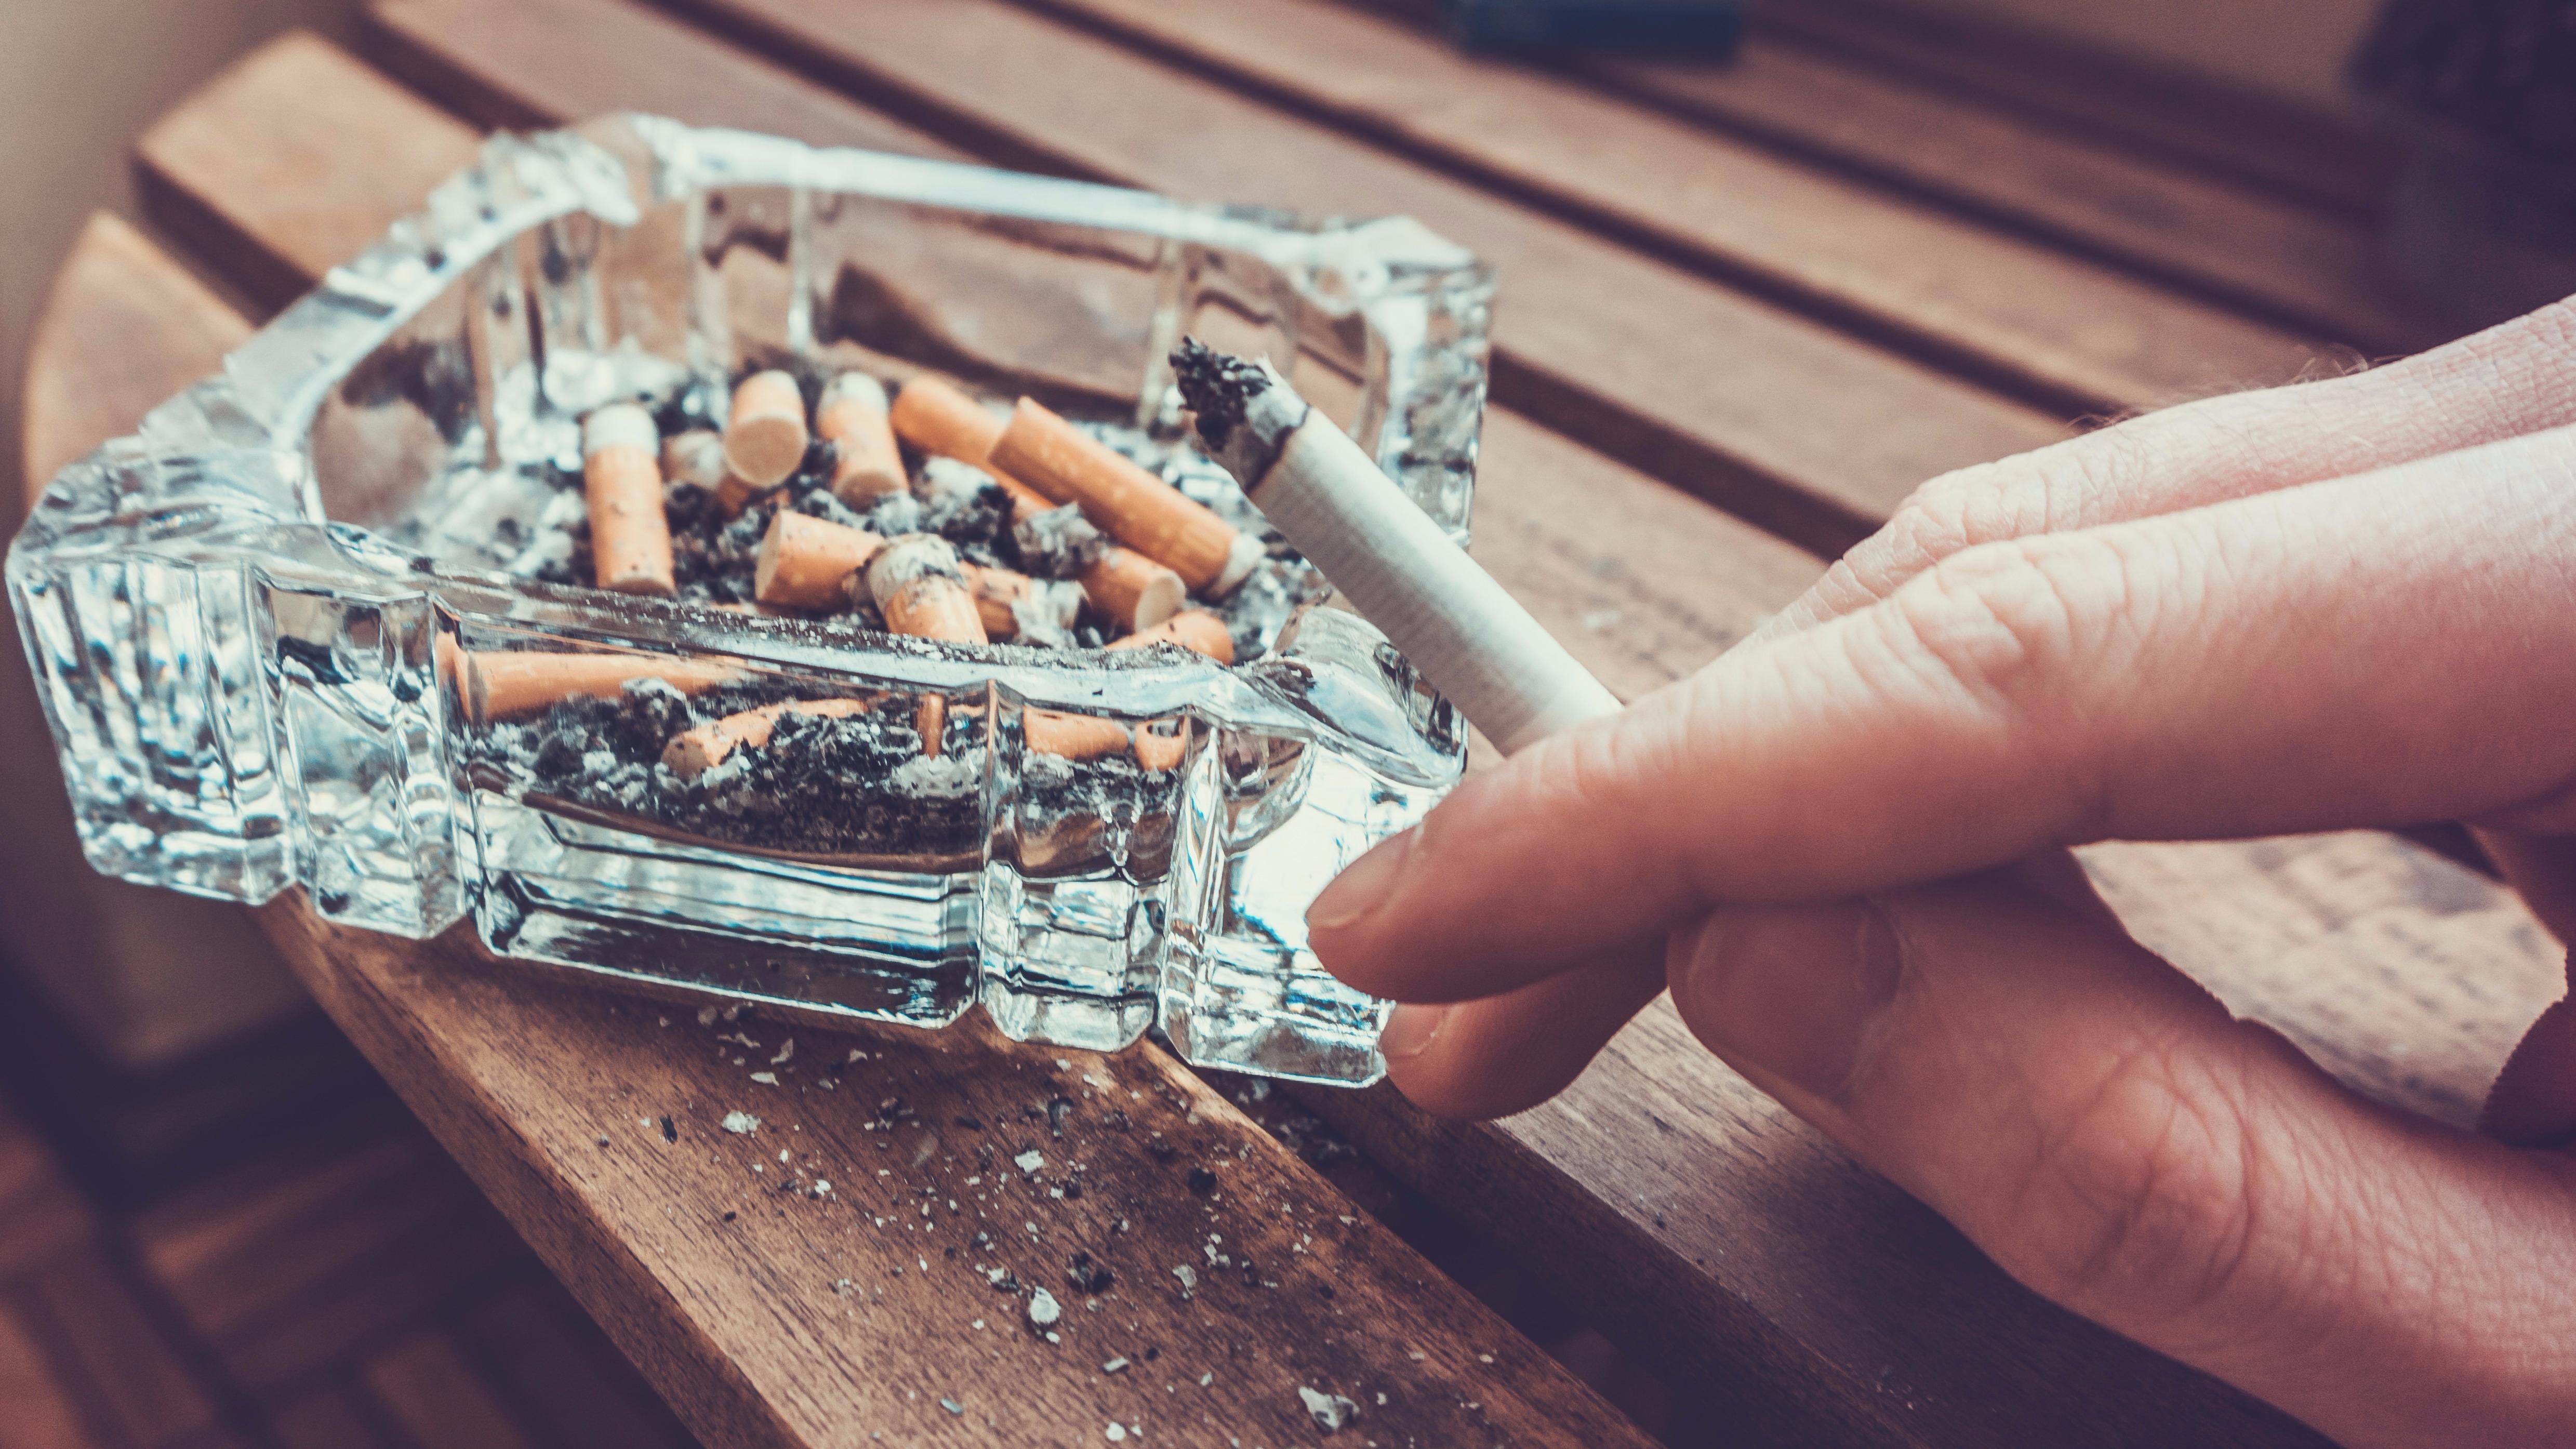 Polvo de tabaco es una toxina sigilosa, puede permanecer durante años y es resistente a agentes de limpieza potentes.